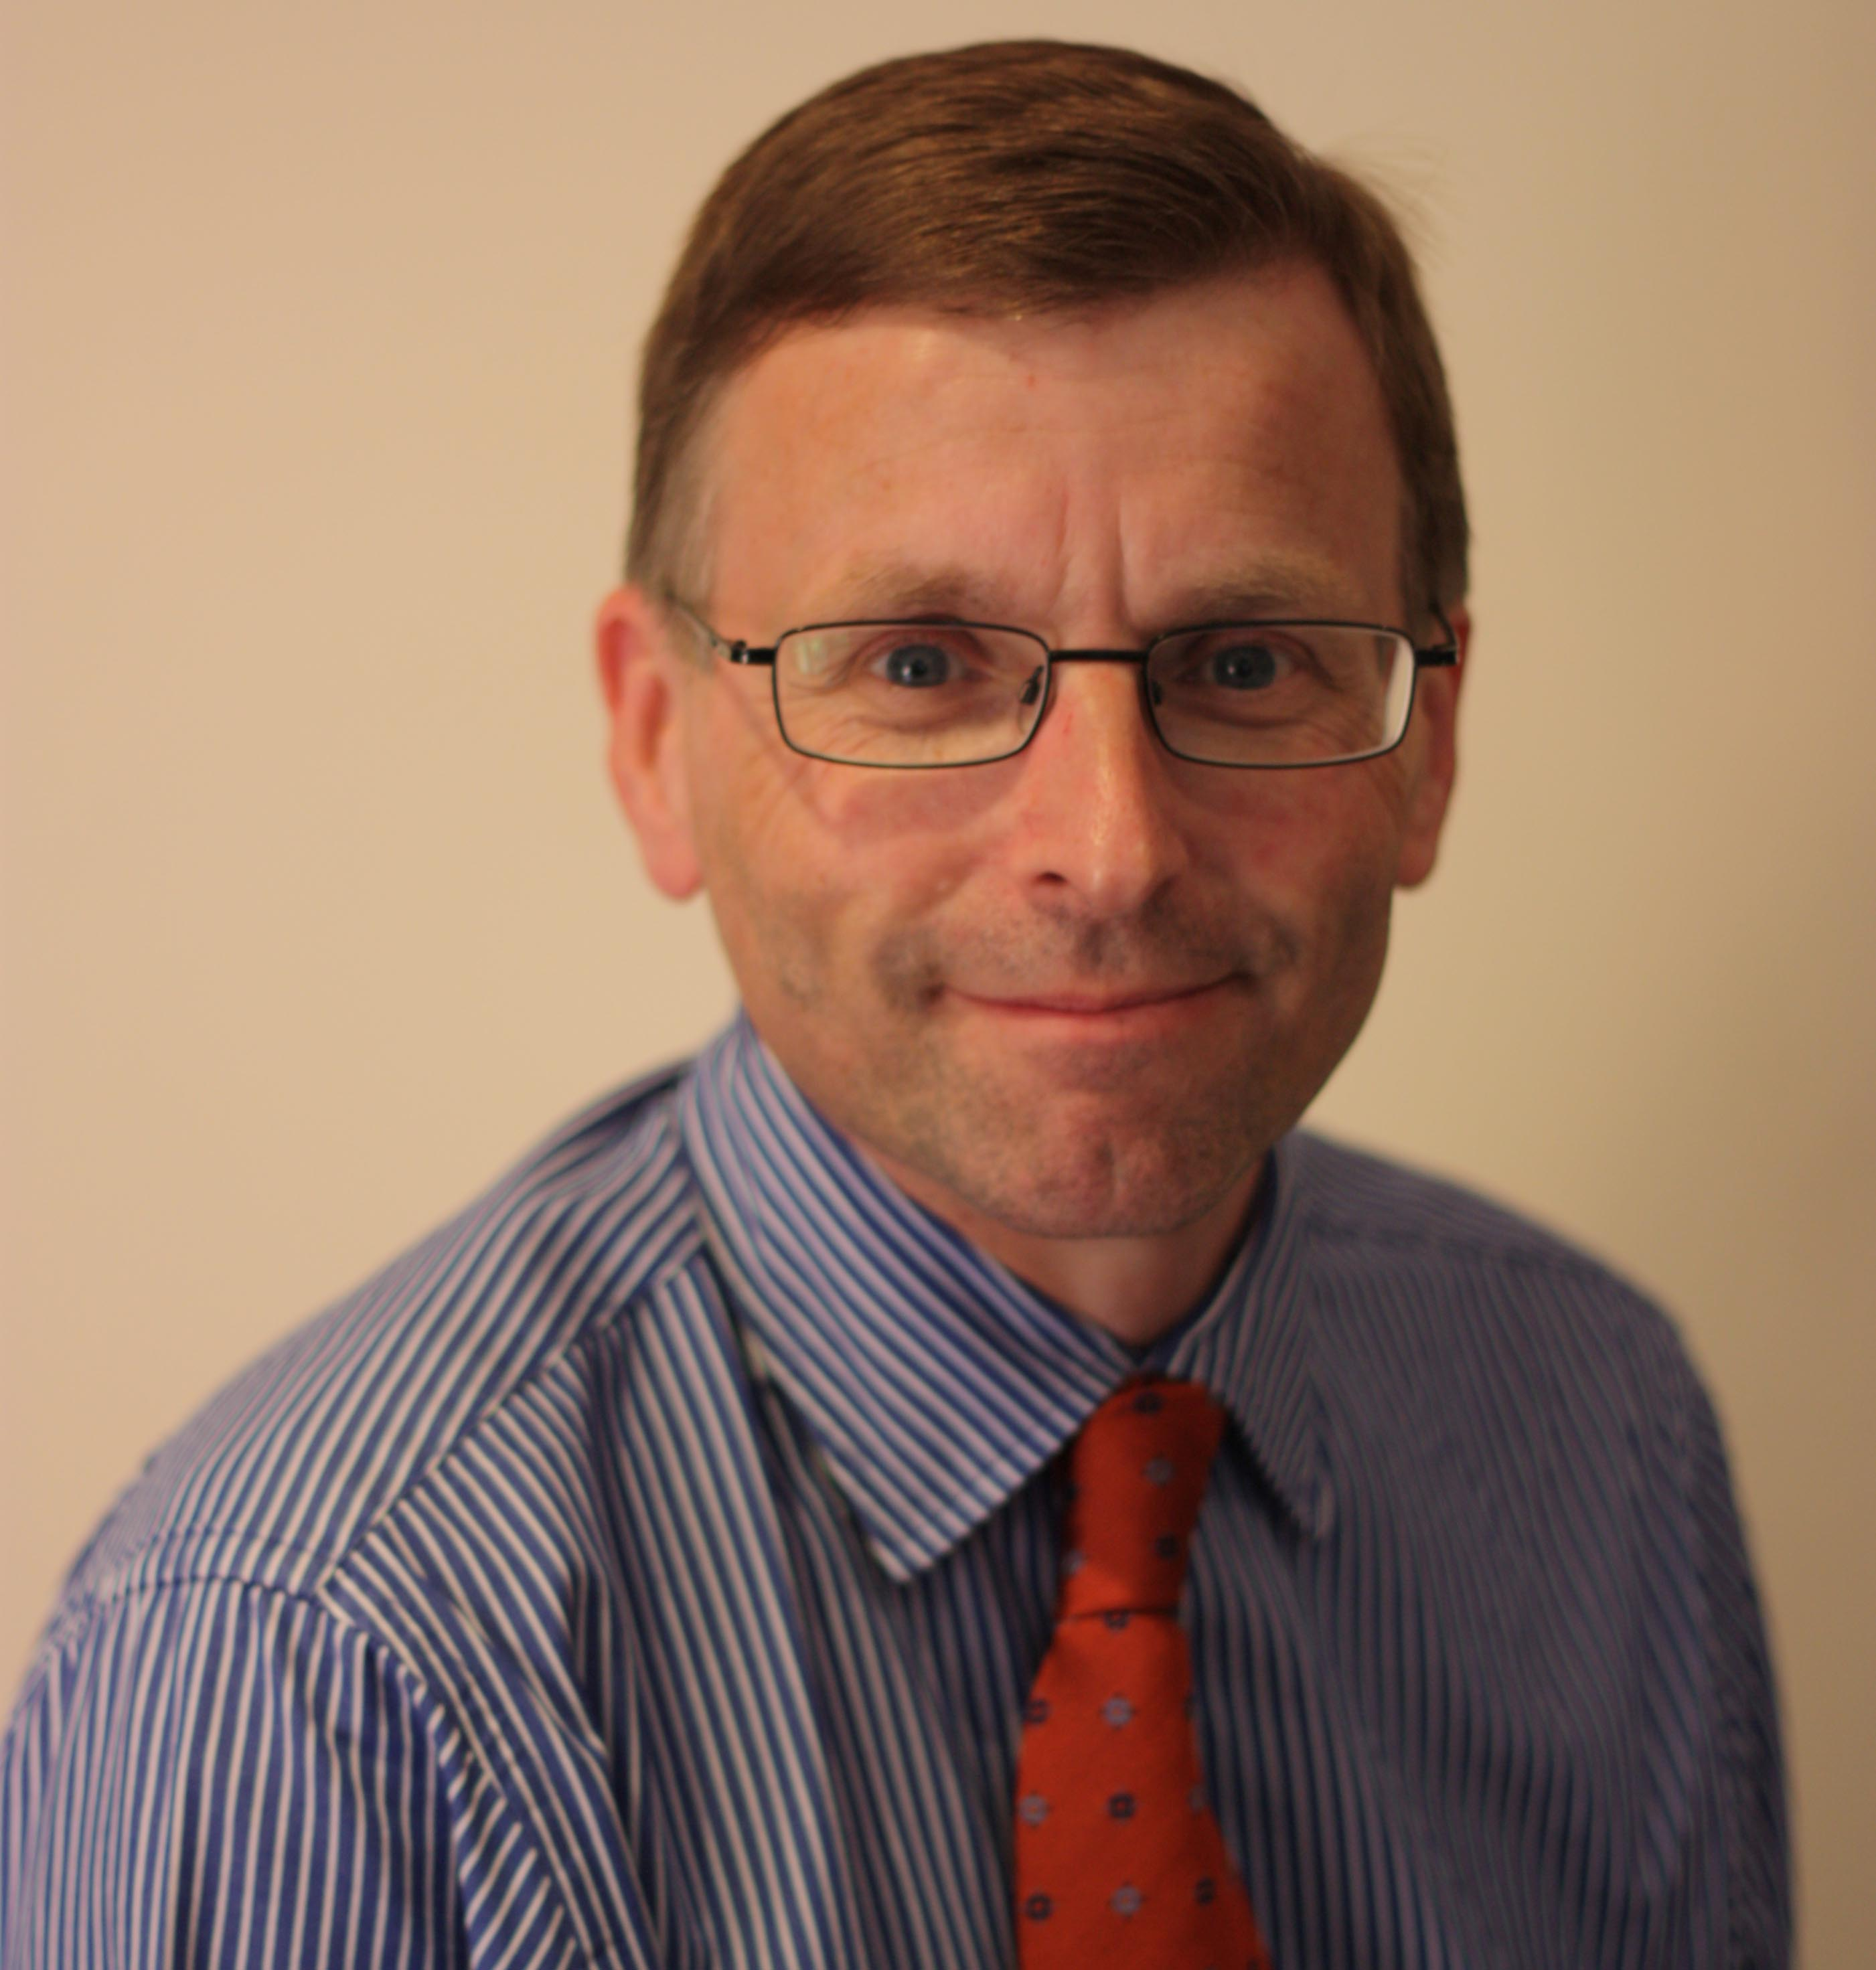 Simon Lilley